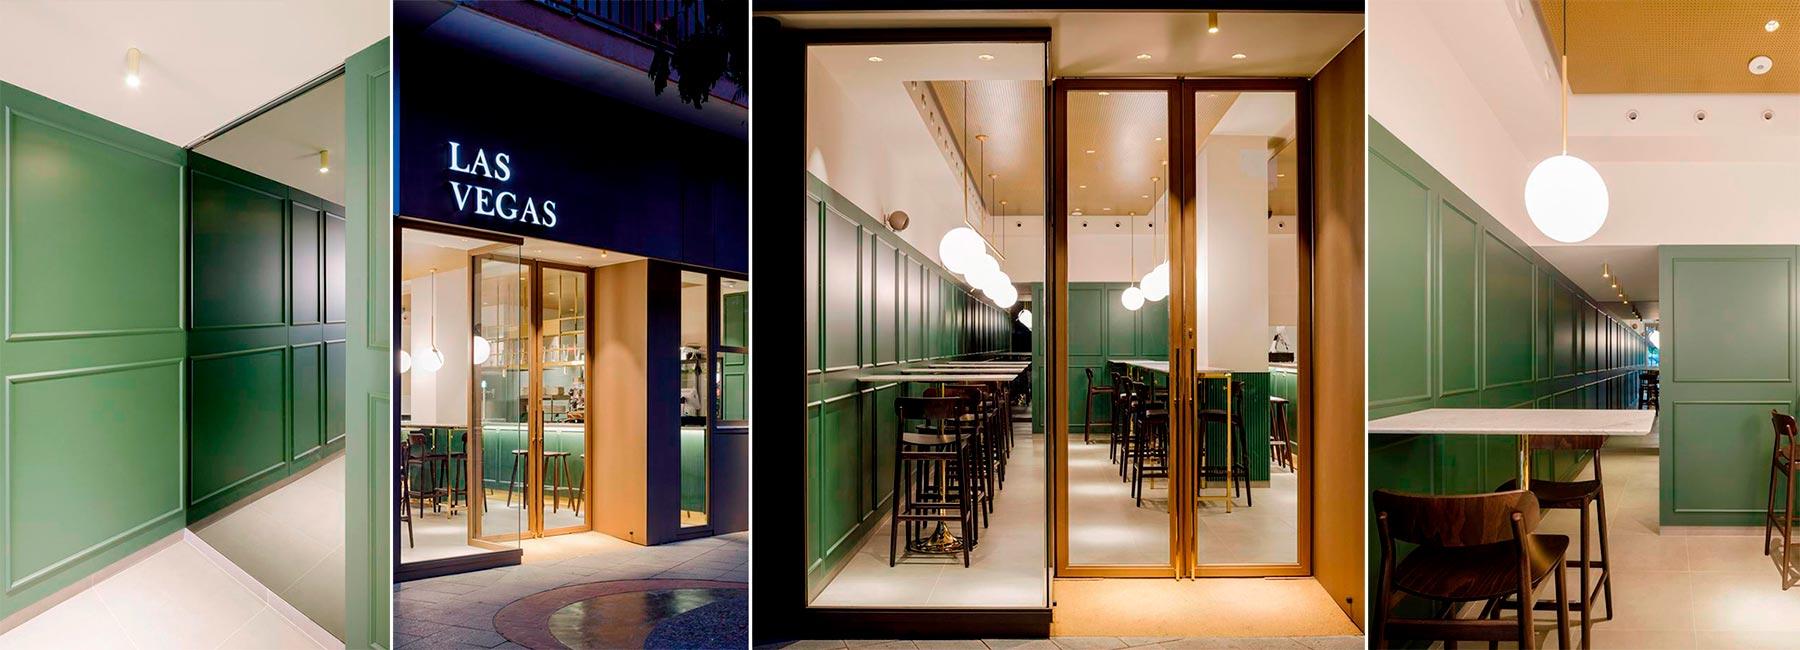 Ресторан с названием Лас-Вегас, но духом Франкфурта